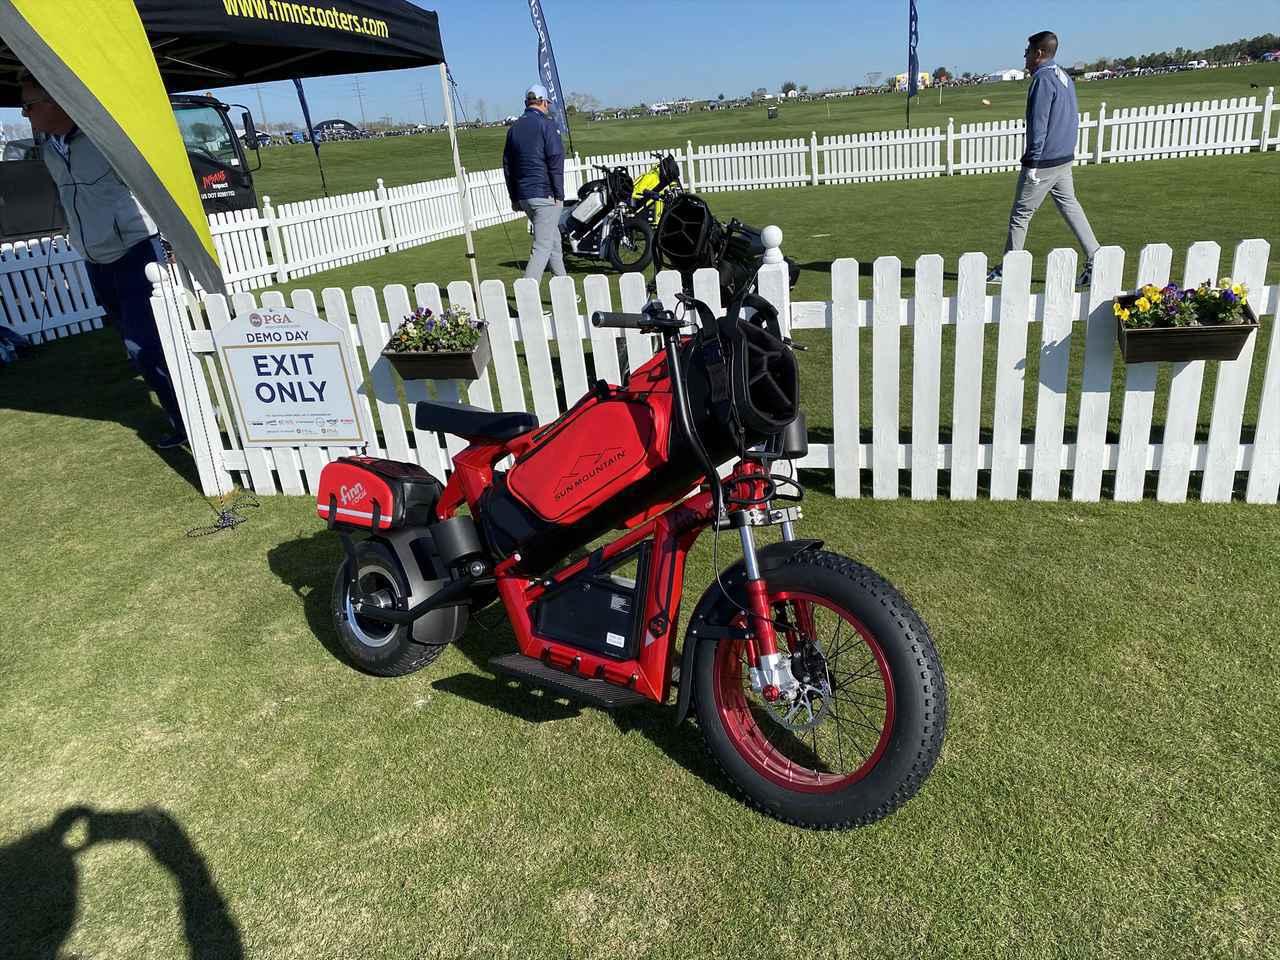 """画像: こっ、これはキャディバッグならぬ「キャディバイク」!? 世界最大のゴルフ見本市""""PGAショー2020""""をギアオタクが現地レポート! - みんなのゴルフダイジェスト"""